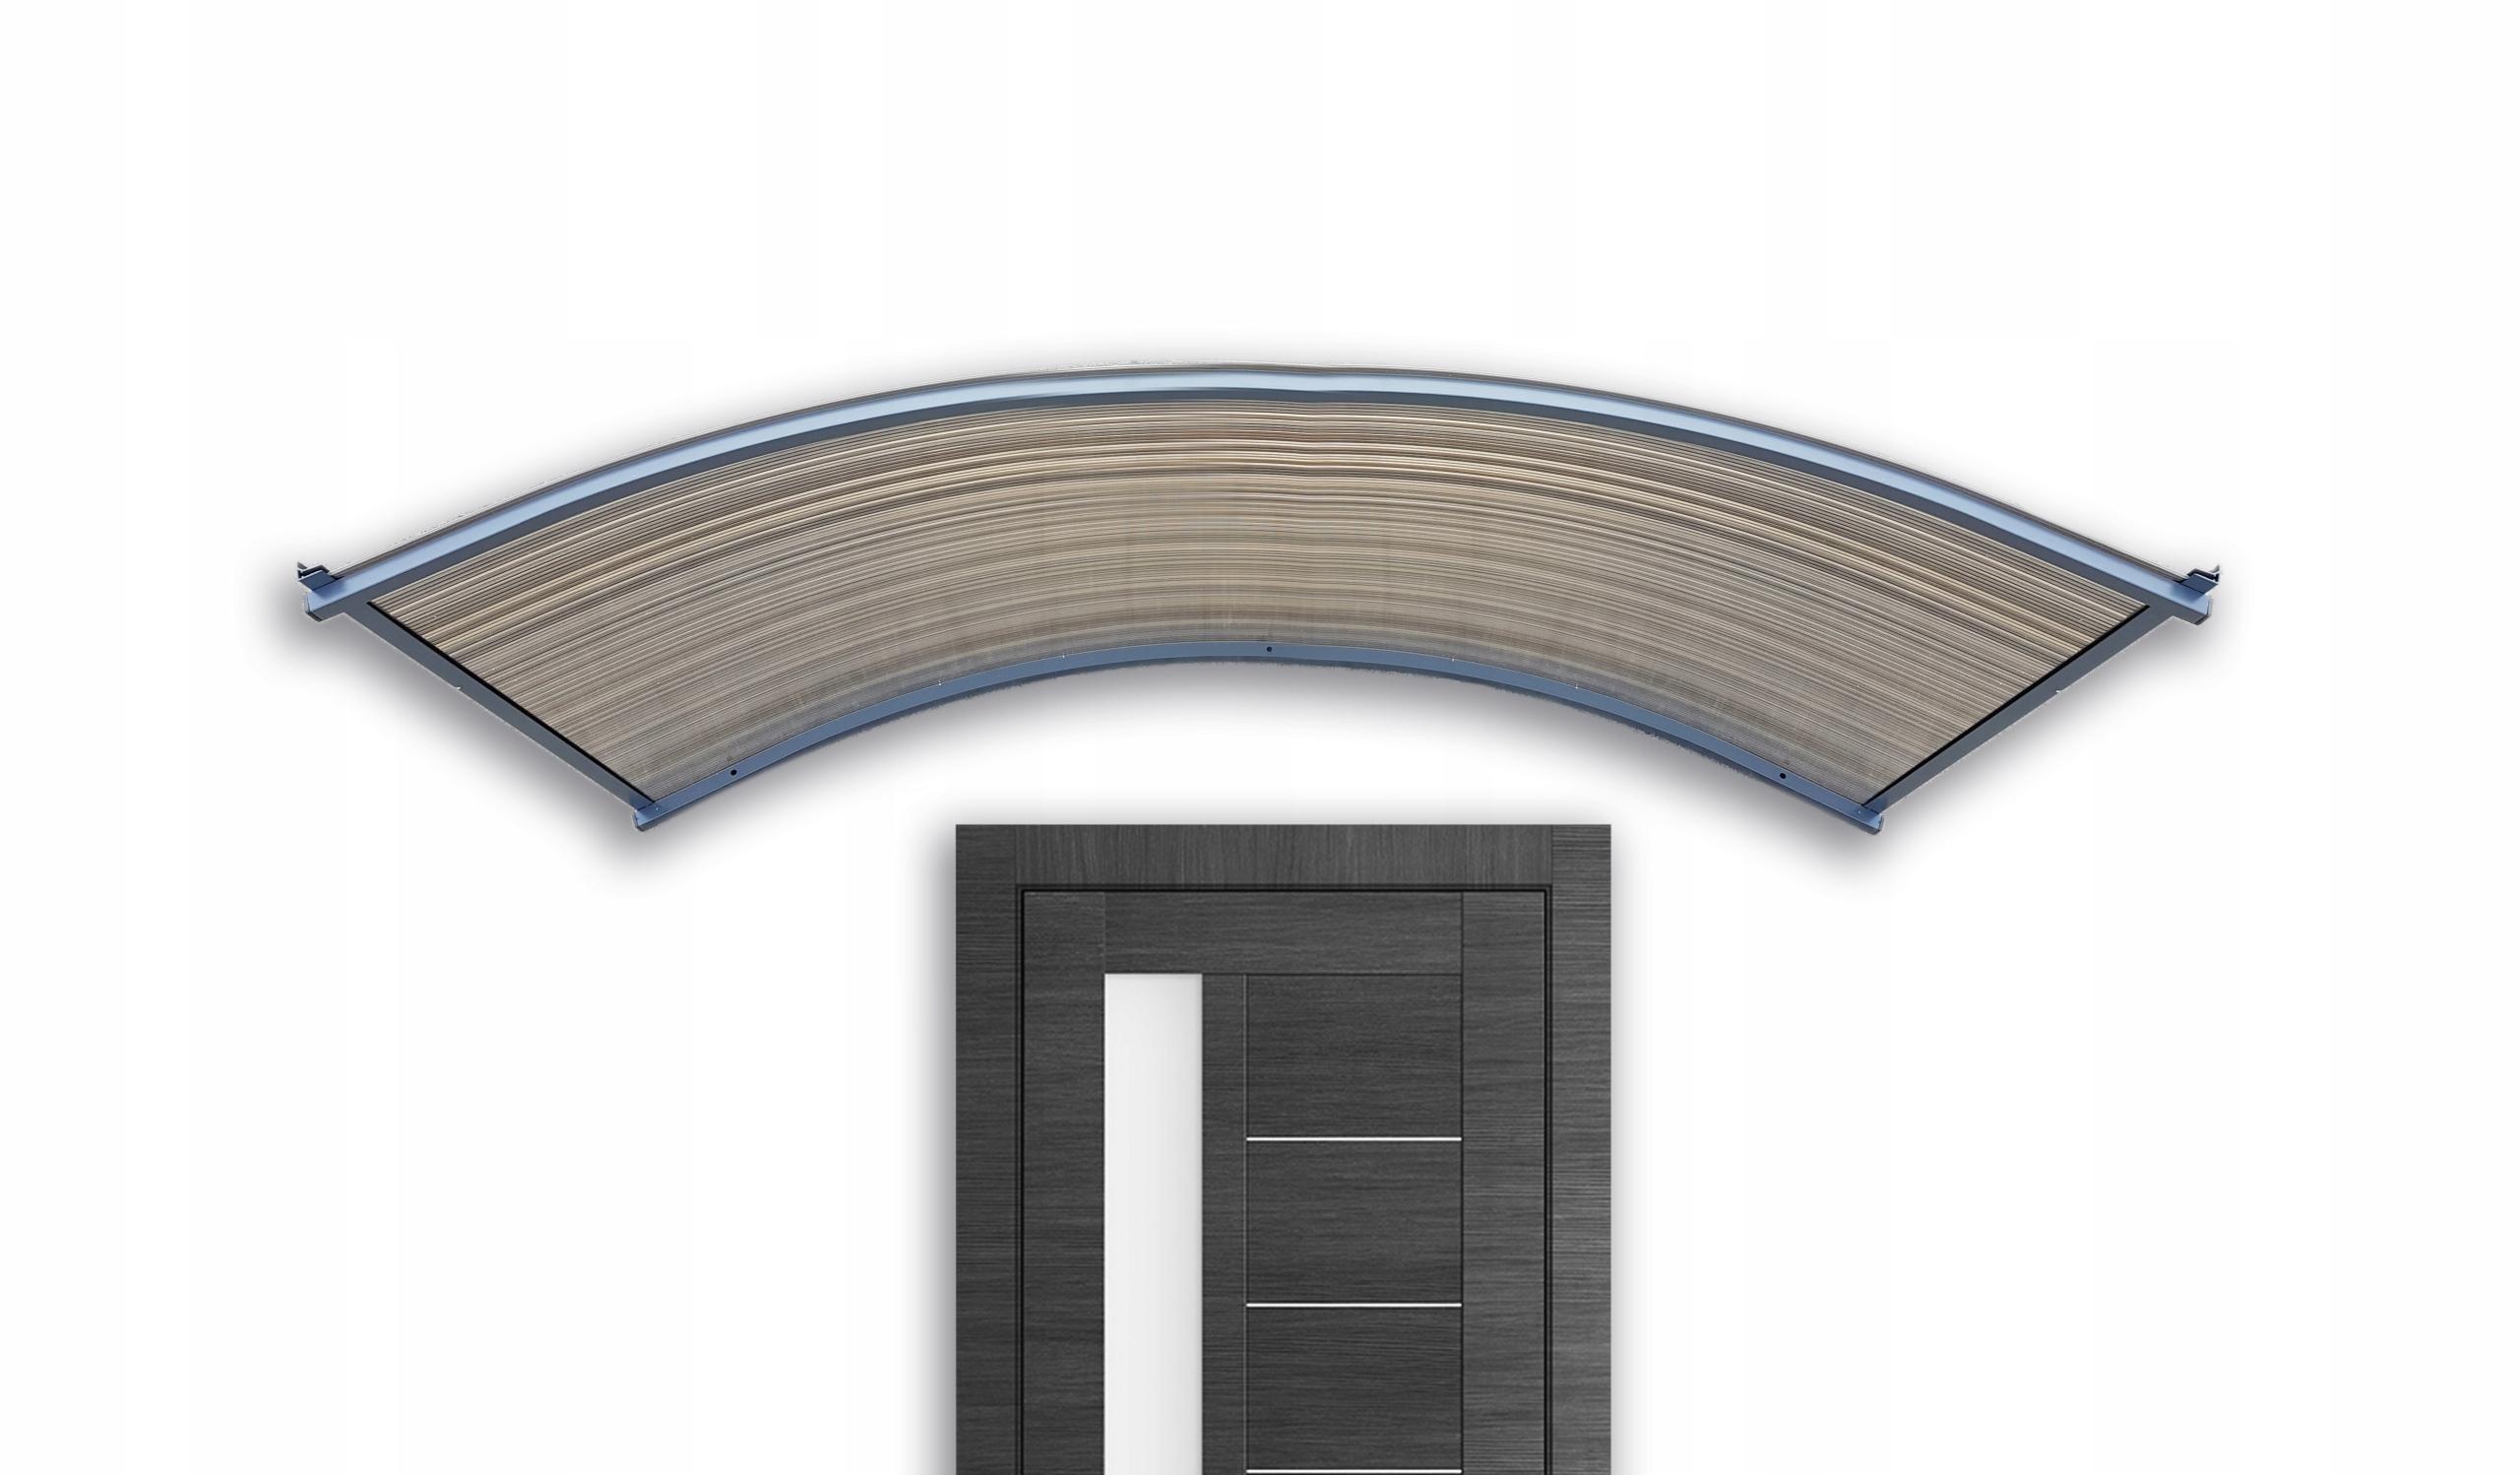 Strieška nad dvere, strešná krytina 150x25x50 antracitová